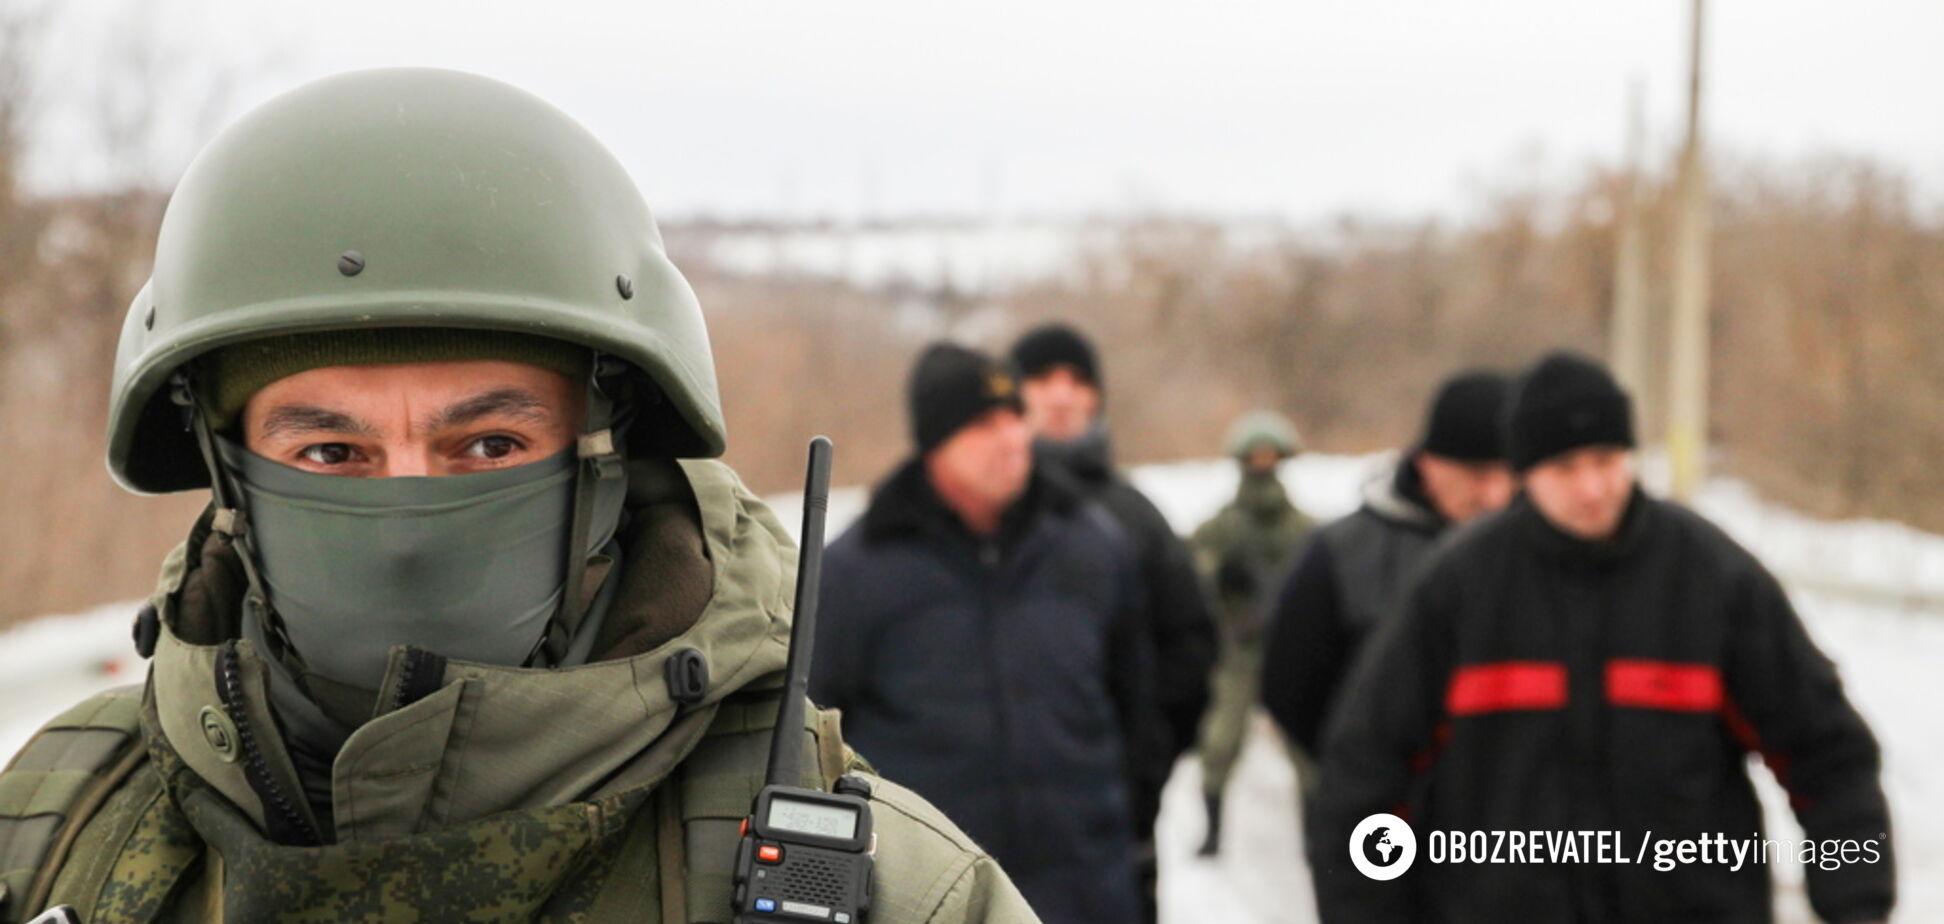 Мінус 13: ЗСУ потужно помстилися ''Л/ДНР'' за вбитого героя